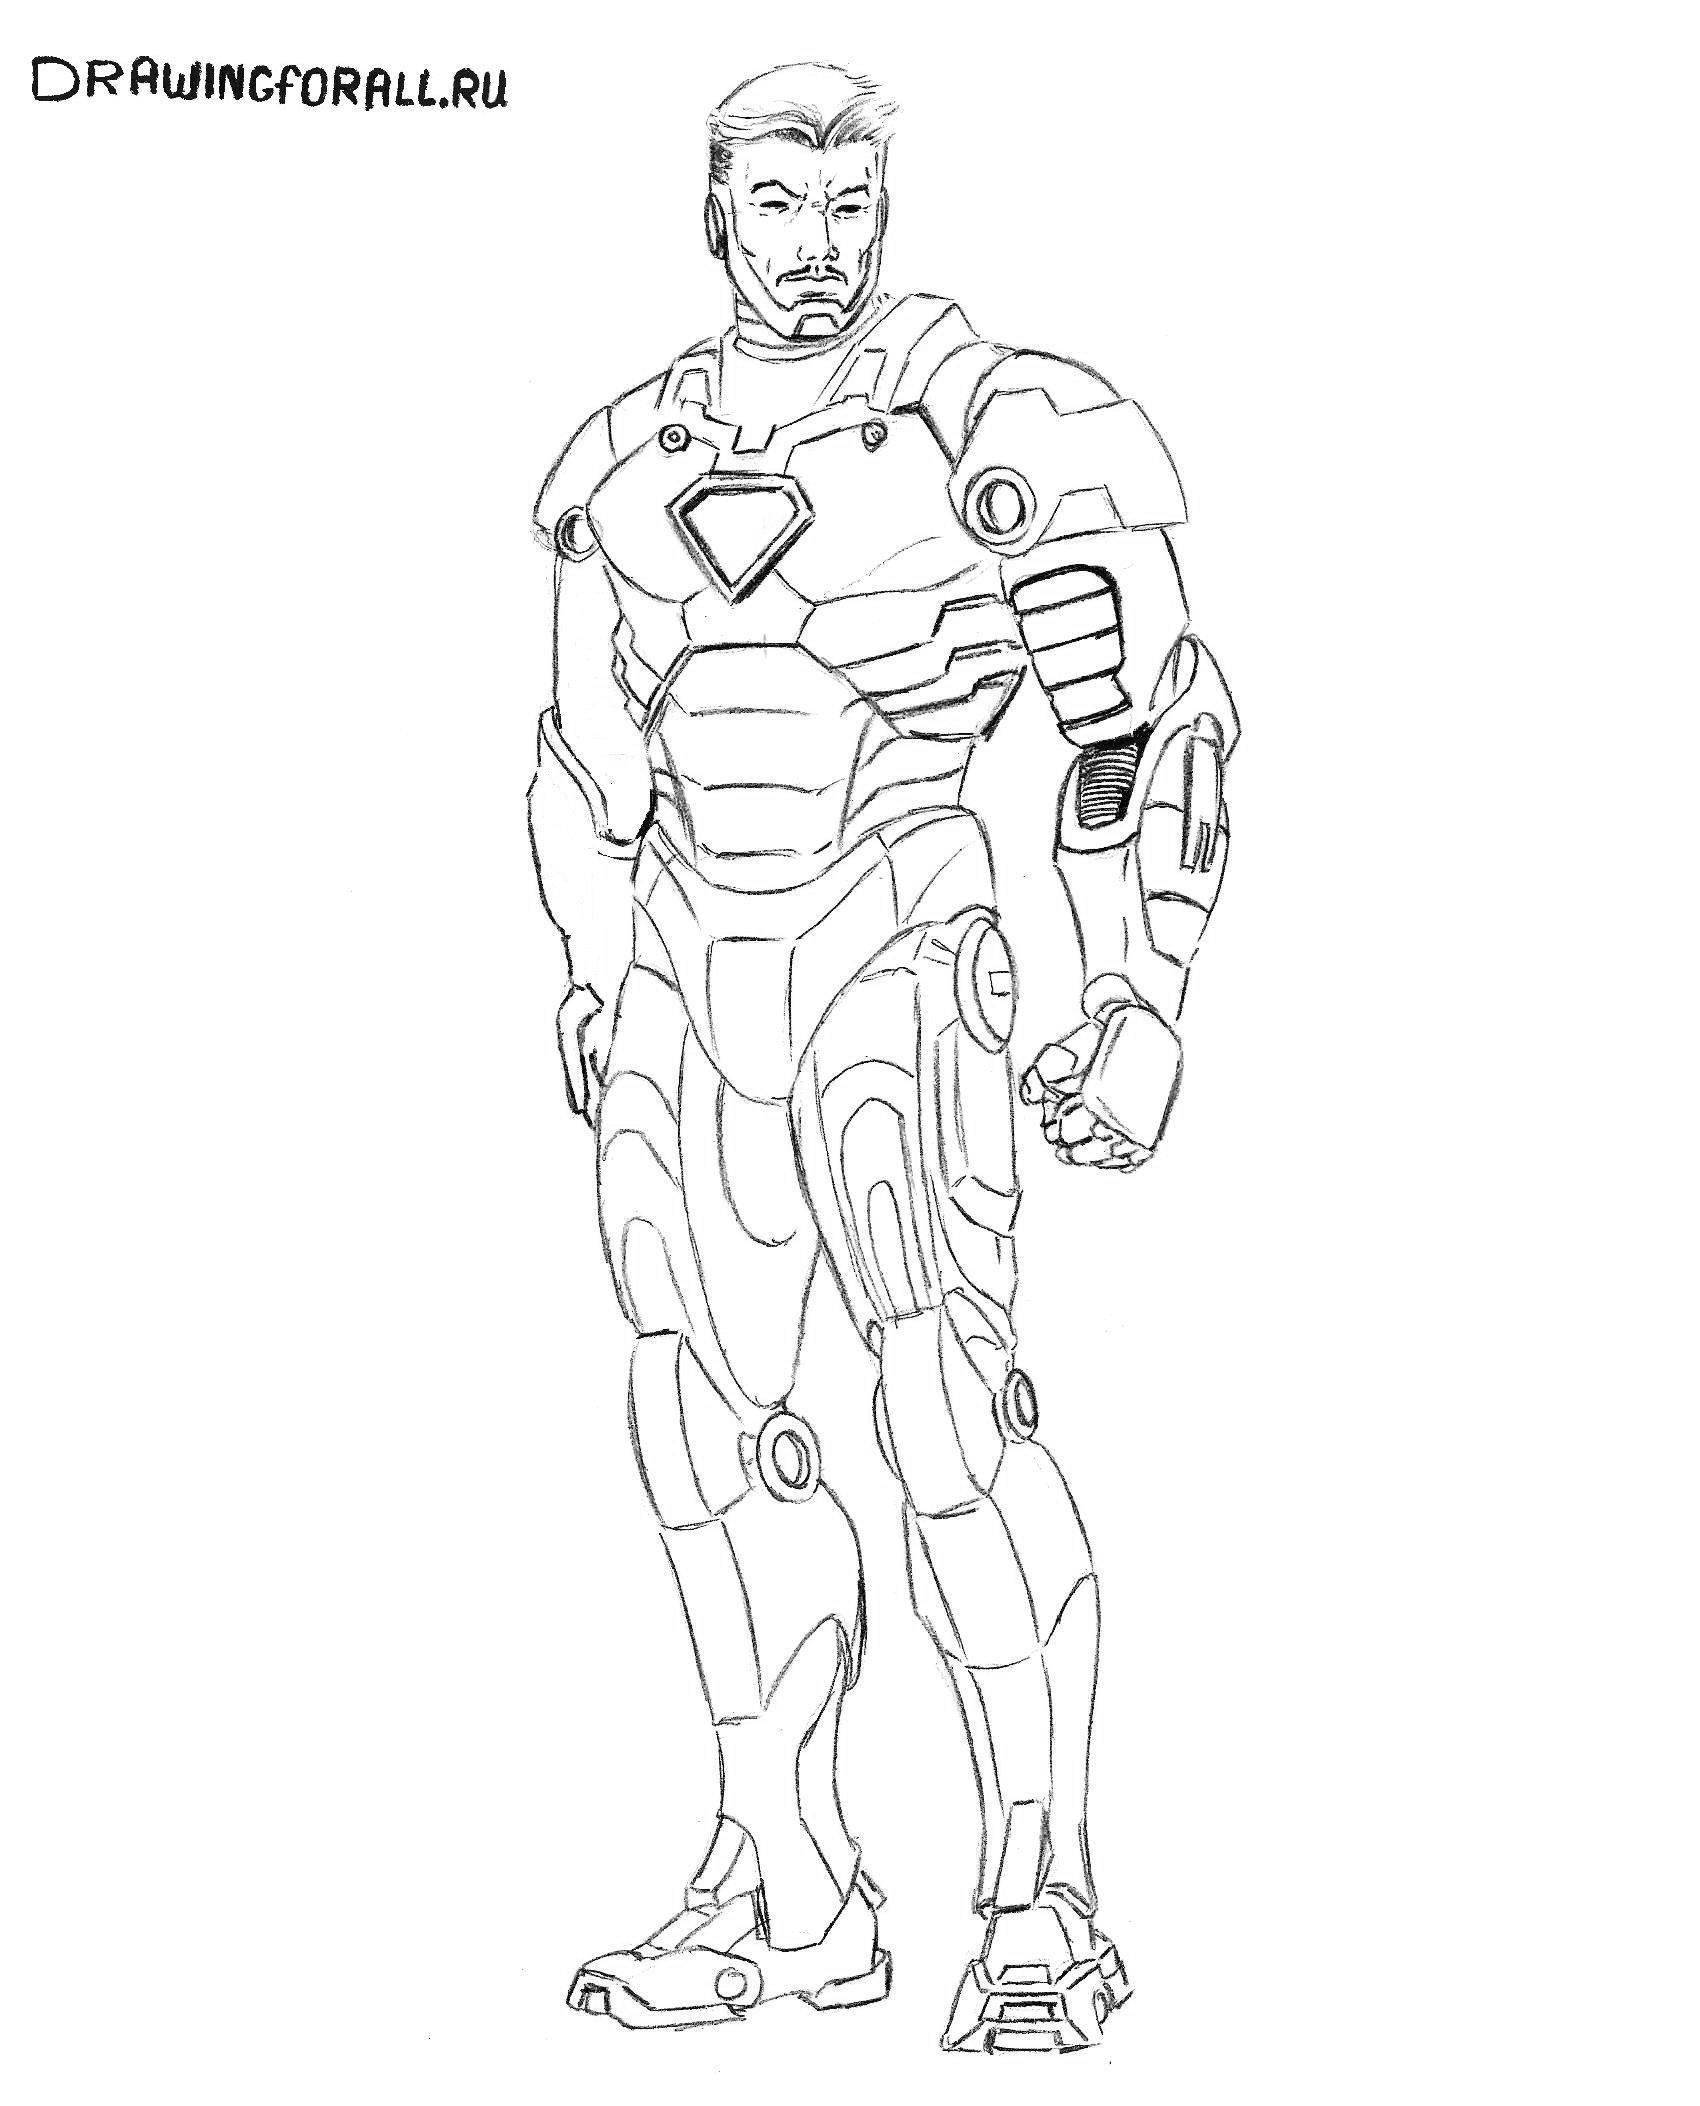 нарисованный карандашом железный человек